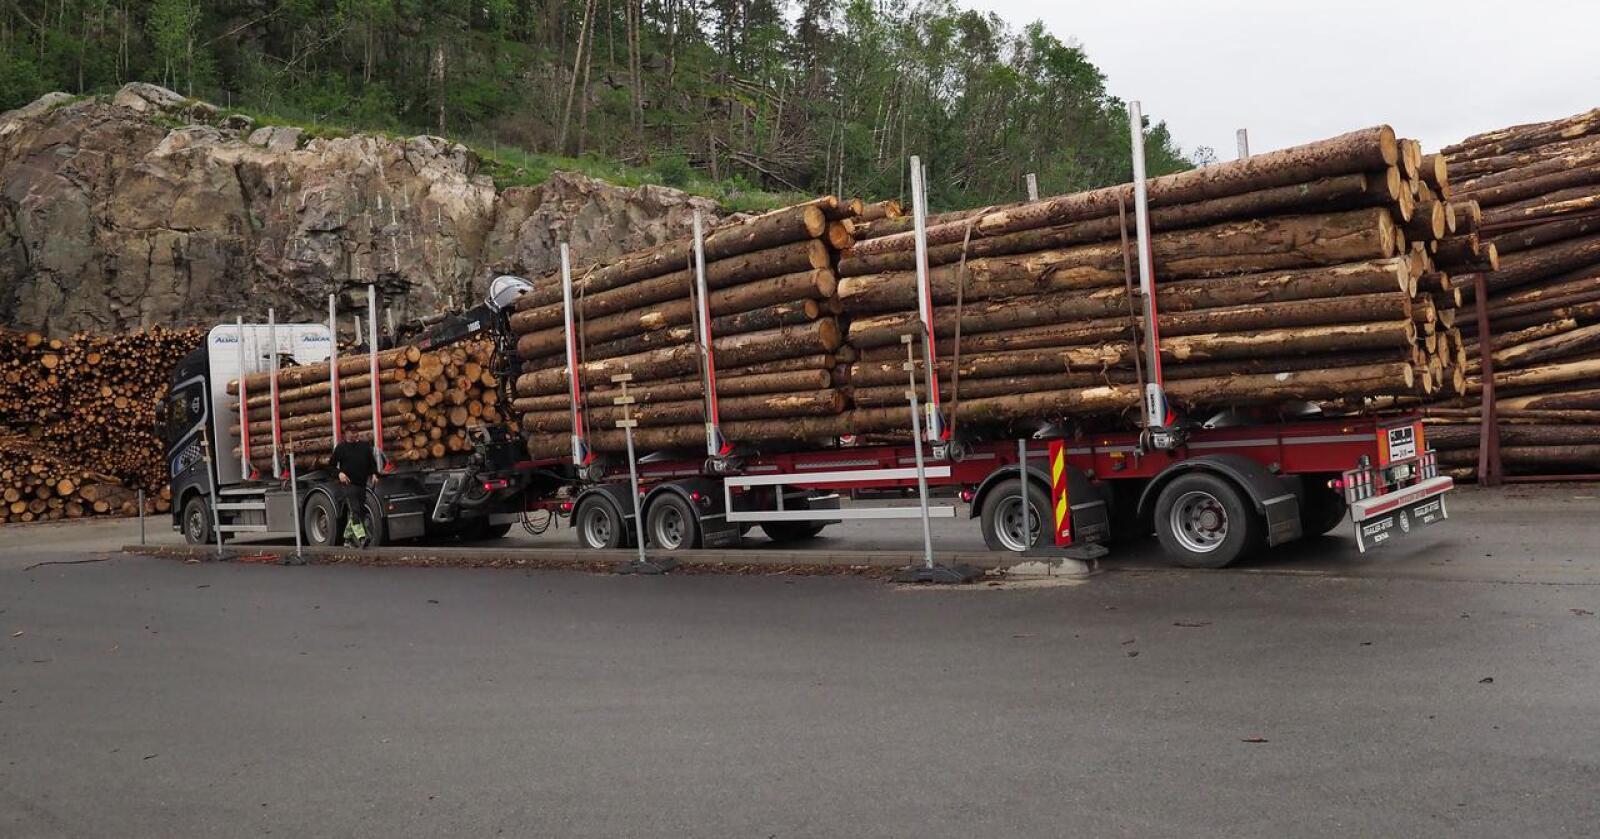 Tvilsamt: Skogbruket si miljøsertifisering har hol, skriv innsendaren. Foto: Siri Juell Rasmussen